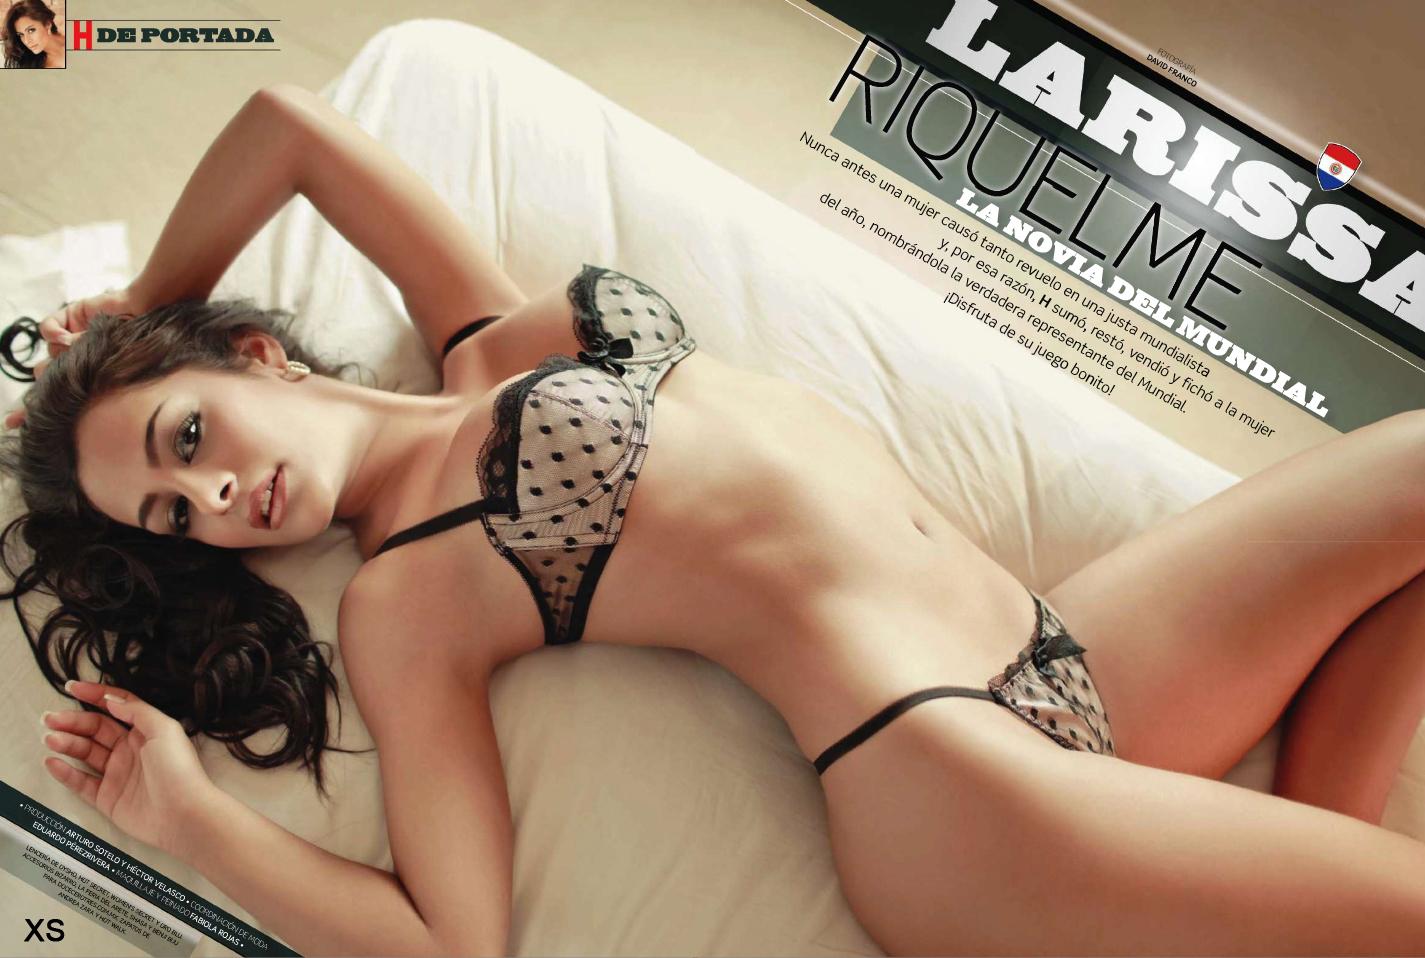 http://3.bp.blogspot.com/-b0Phy7FjRz8/UIHifRqeMYI/AAAAAAAAJPM/CeUmnKZY5Tk/s1600/Larissa_Riquelme_H_Para_Hombres+(2).jpg